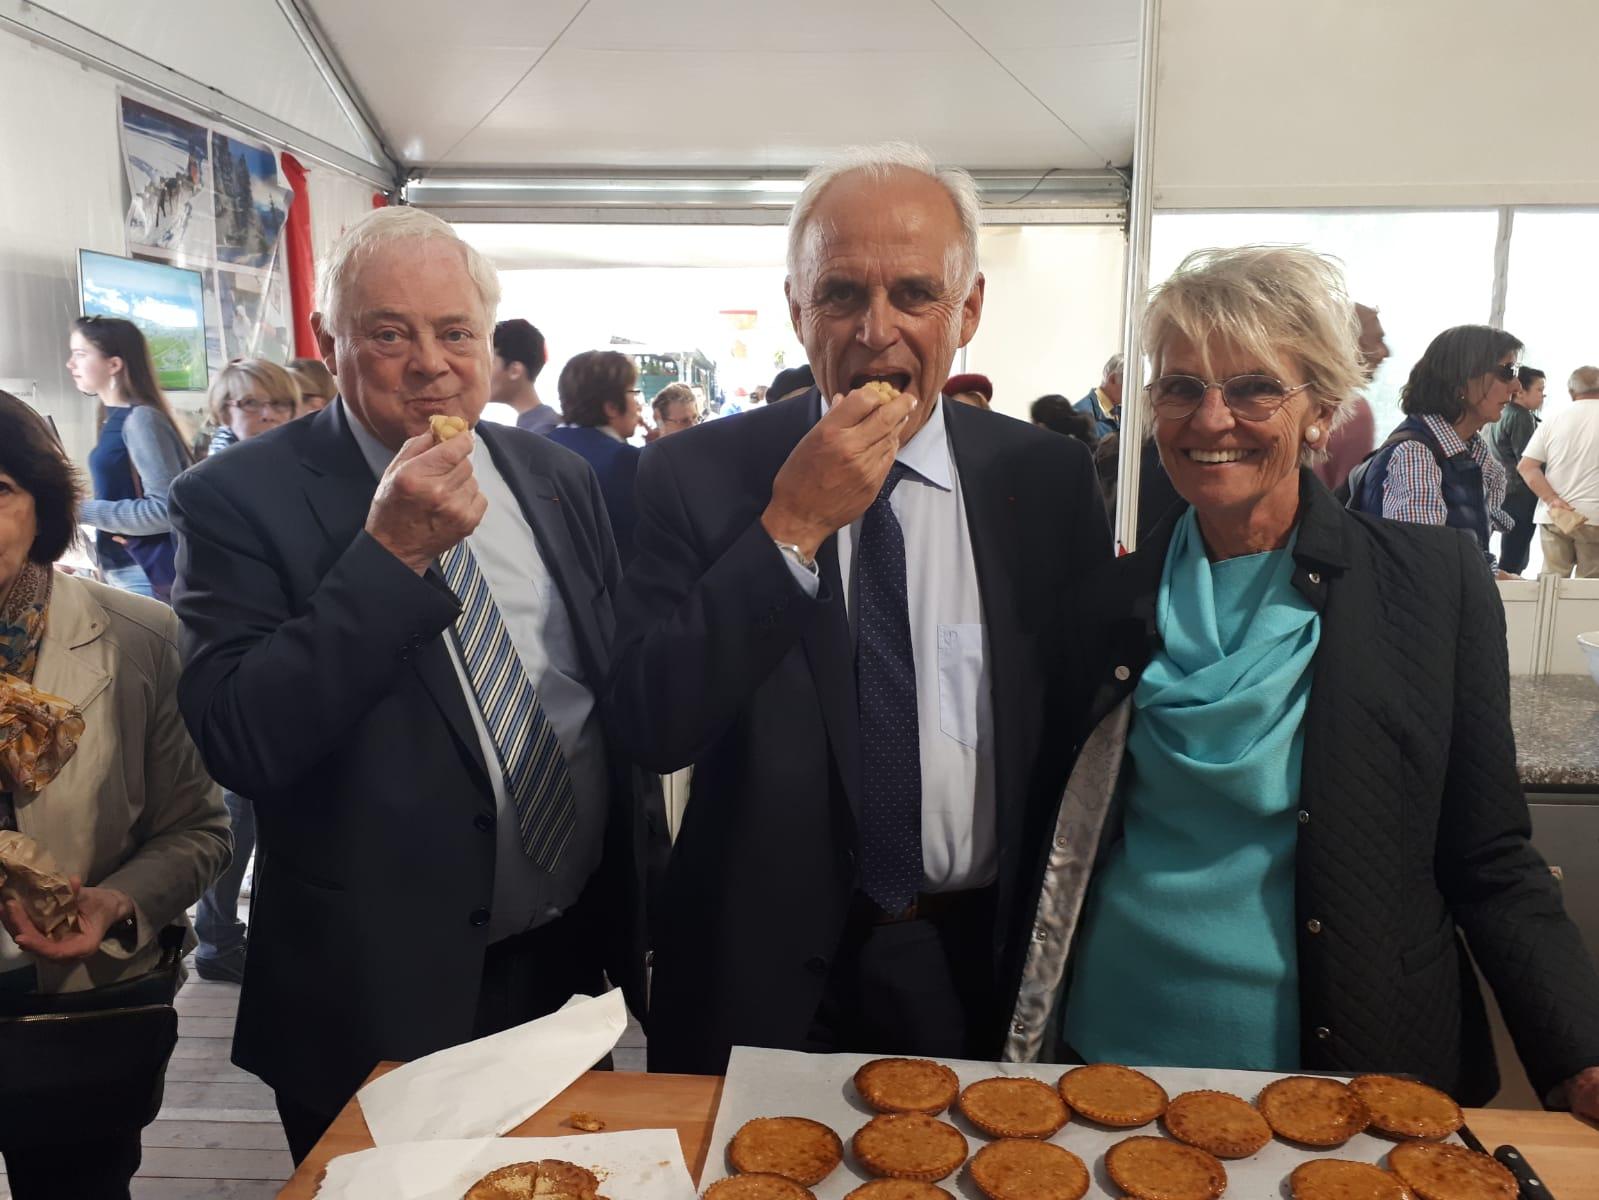 Le président de l'Association France-Canada, Marc Laffineur, ainsi que deux membres de son équipe.